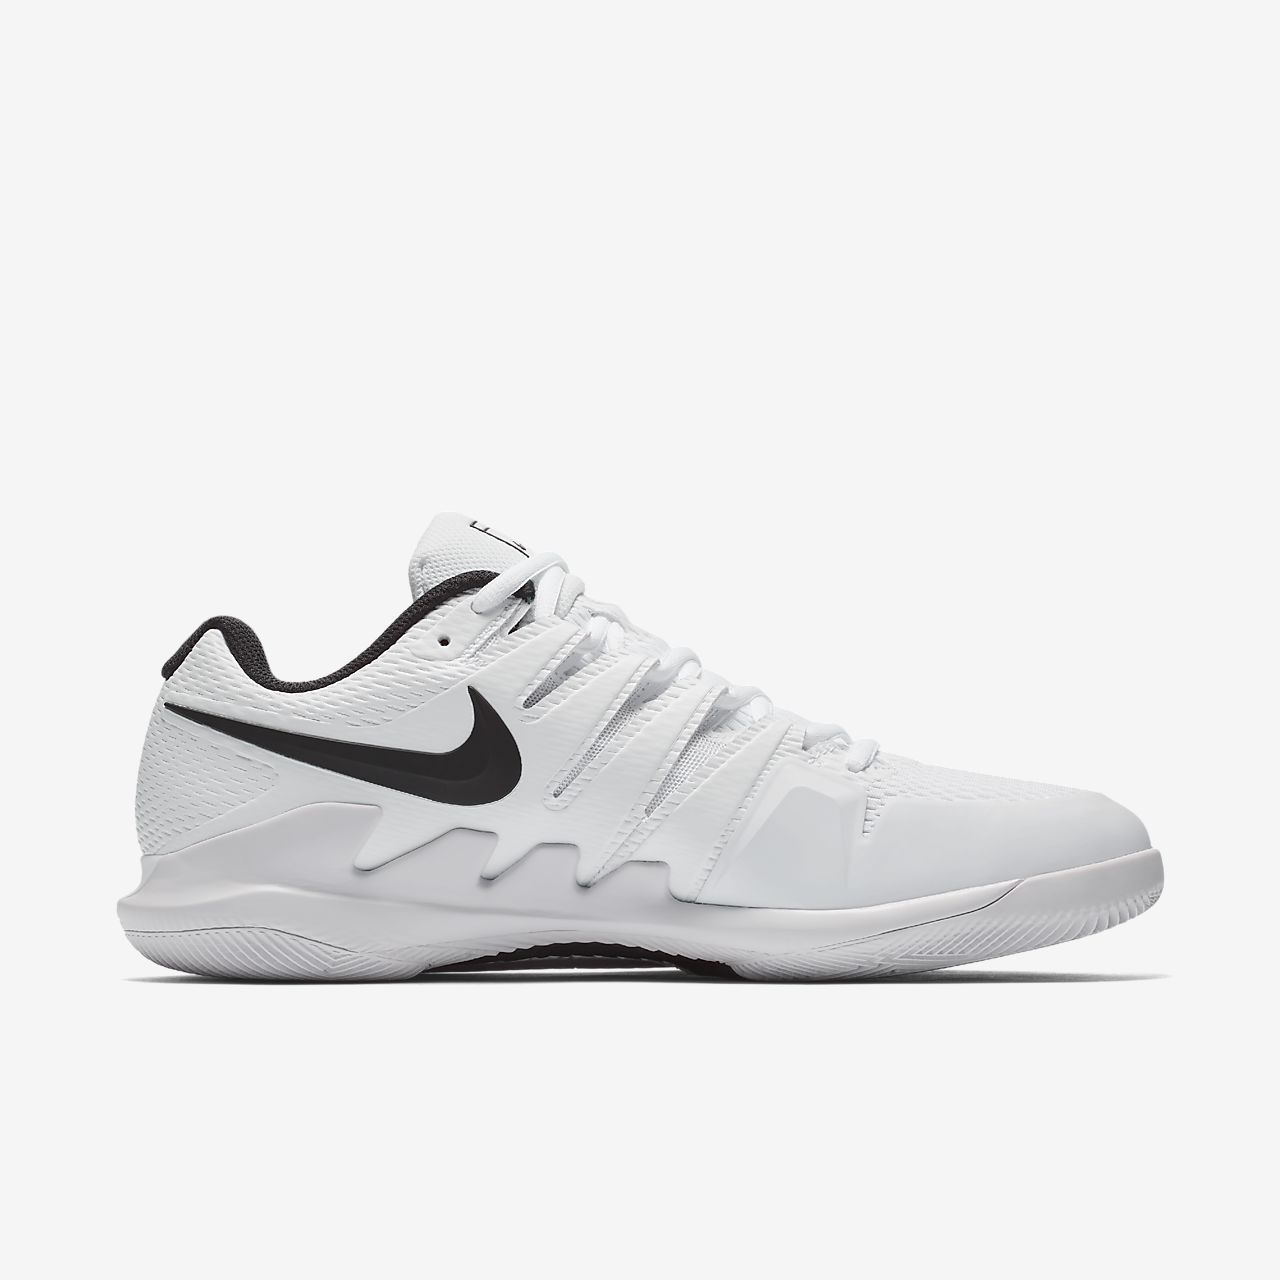 Zapatos multicolor de verano Nike Zoom para hombre qR4Dgo